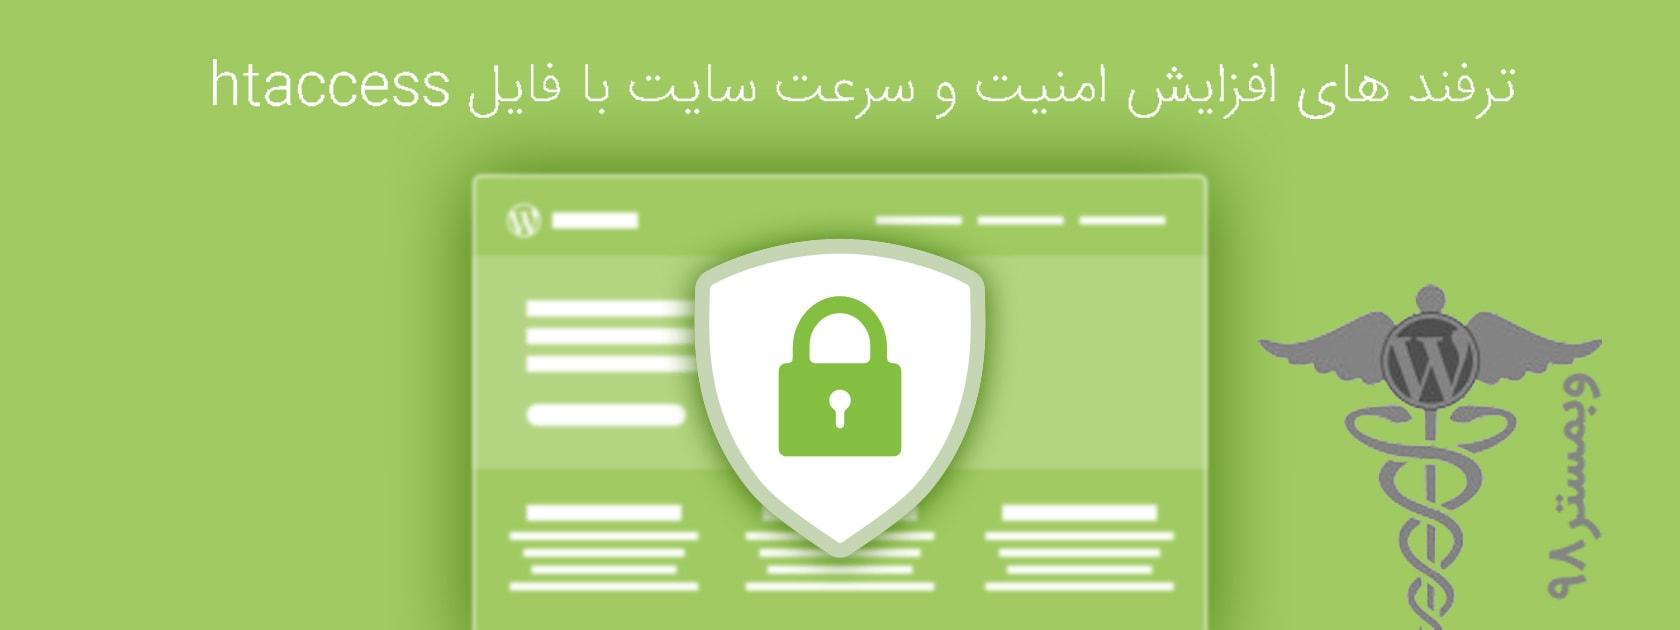 محتویات فایل .htaccess در وردپرس - تنظیمات htaccess در وردپرس